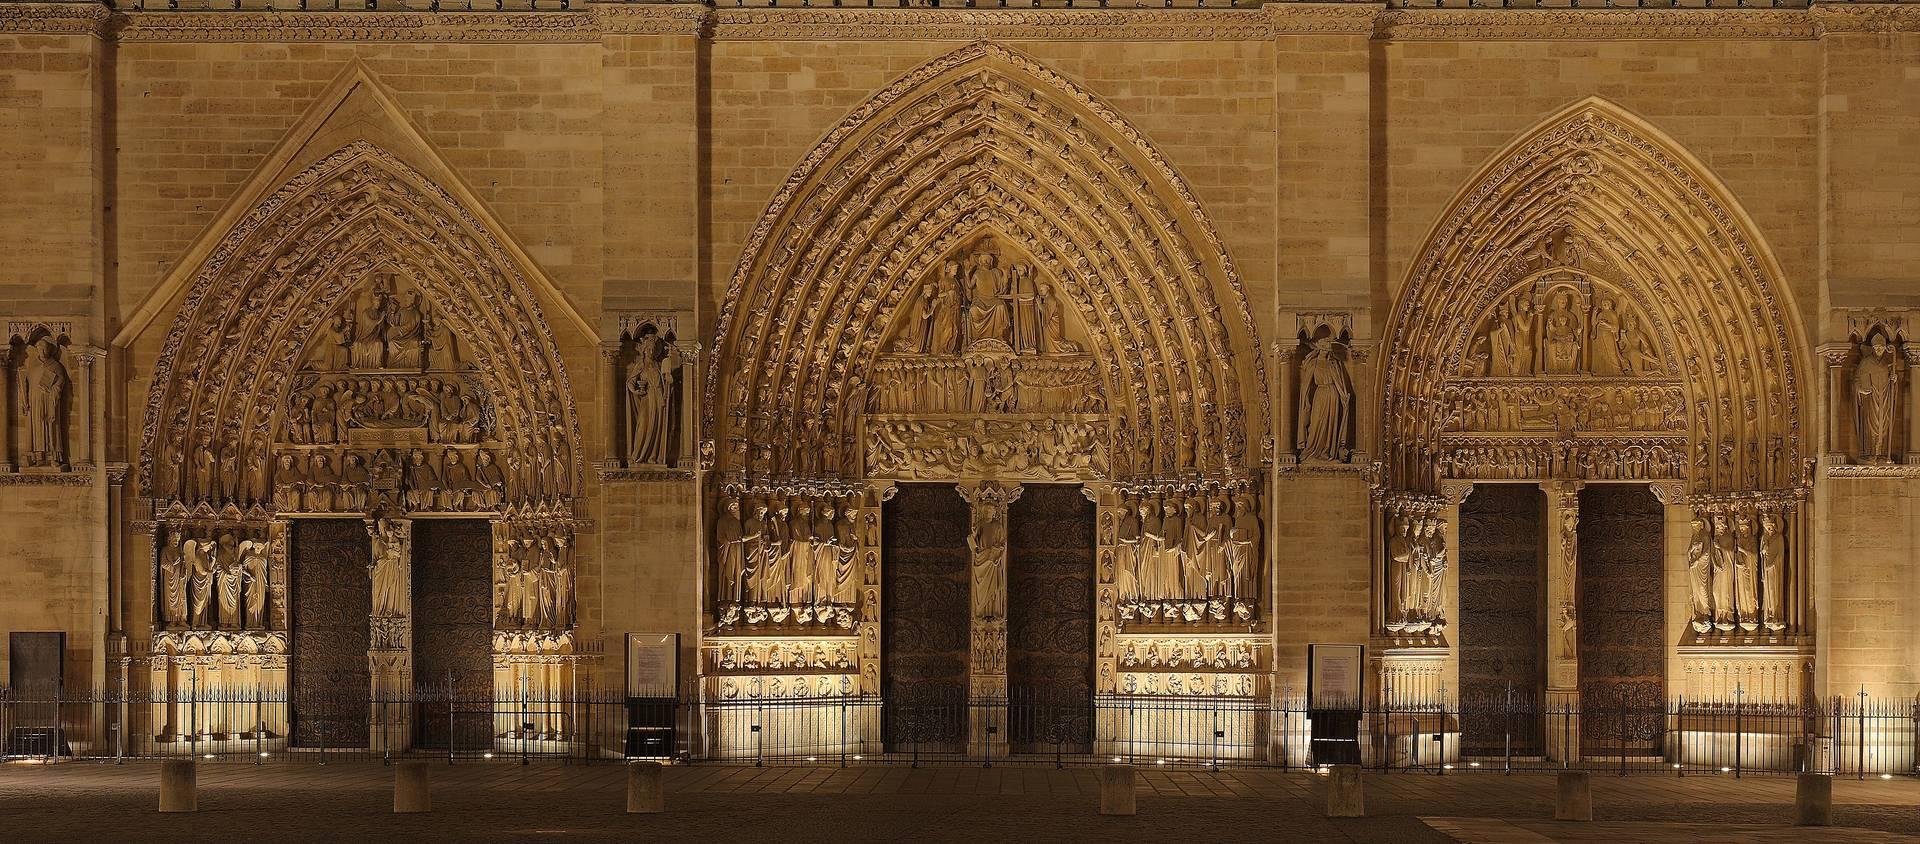 Нижняя часть фасада Собора Парижской Богоматери